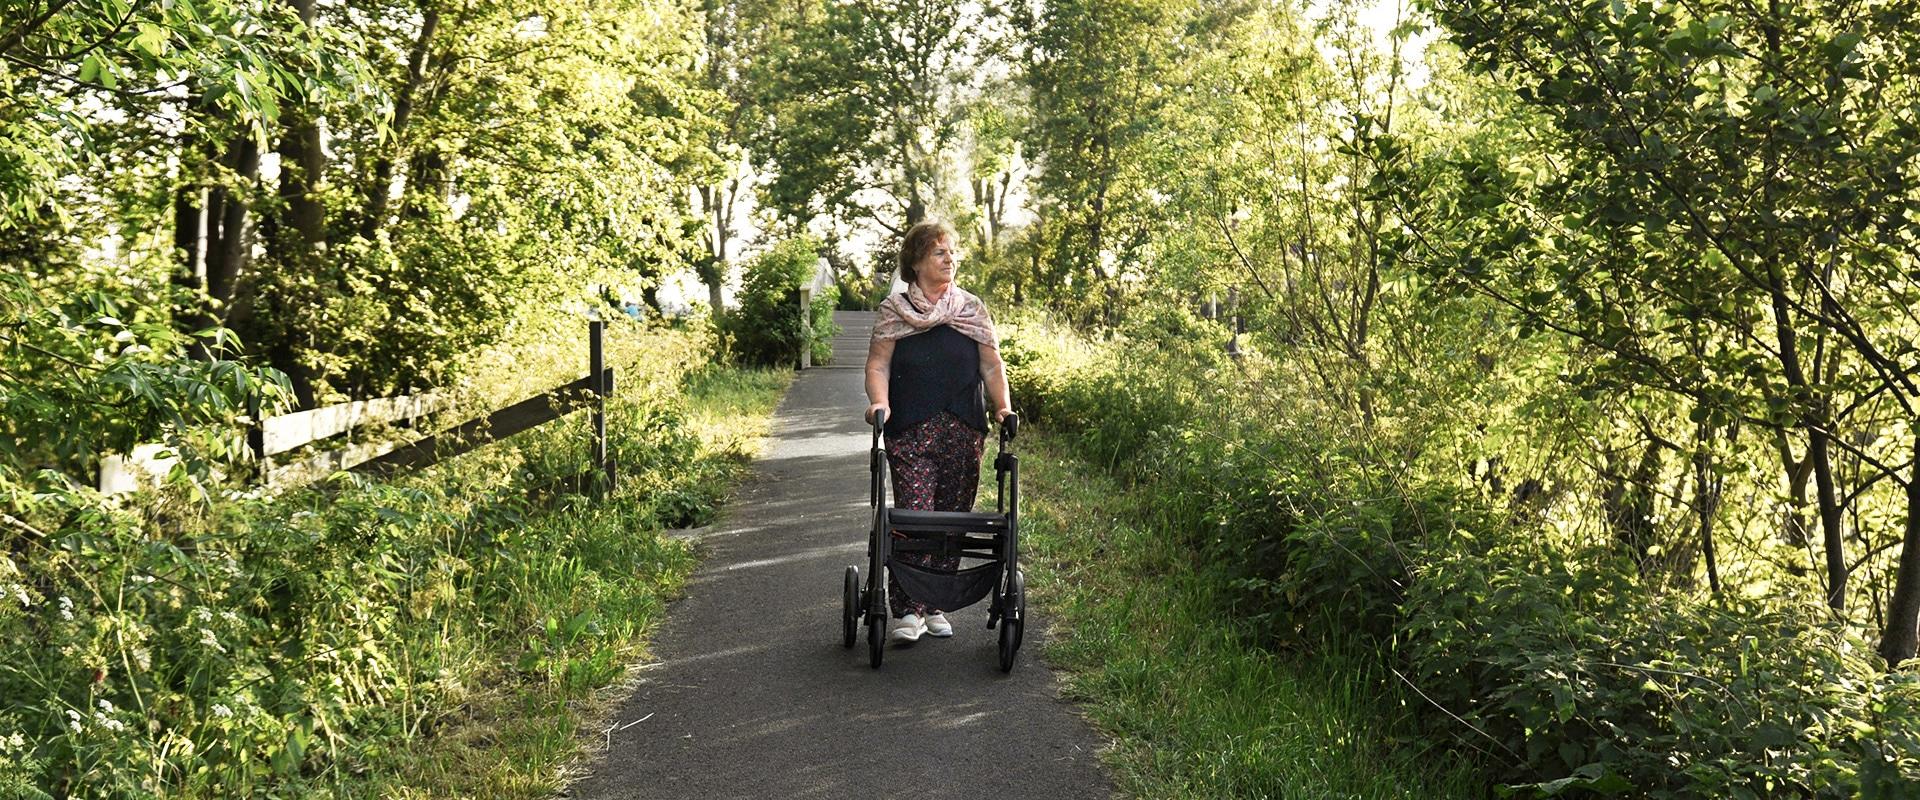 Vrouw loopt met een parkinson-rollator met verstelbare signalen